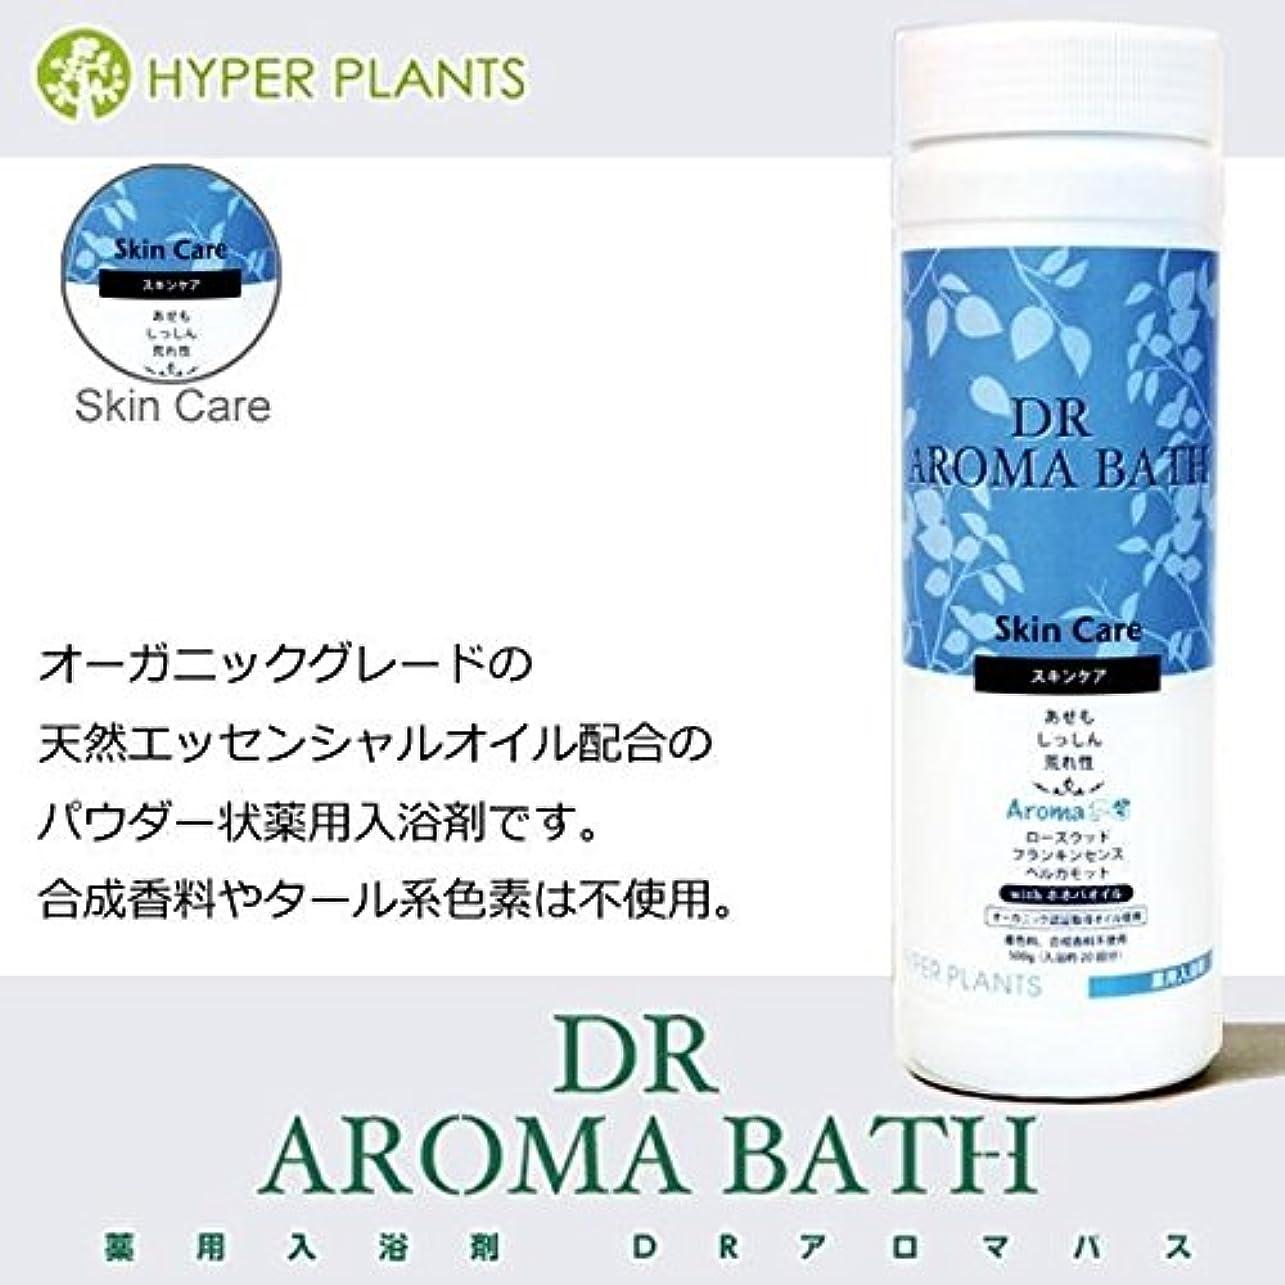 スピリチュアル契約する家事医薬部外品 薬用入浴剤 ハイパープランツ(HYPER PLANTS) DRアロマバス スキンケア 500g HNB003